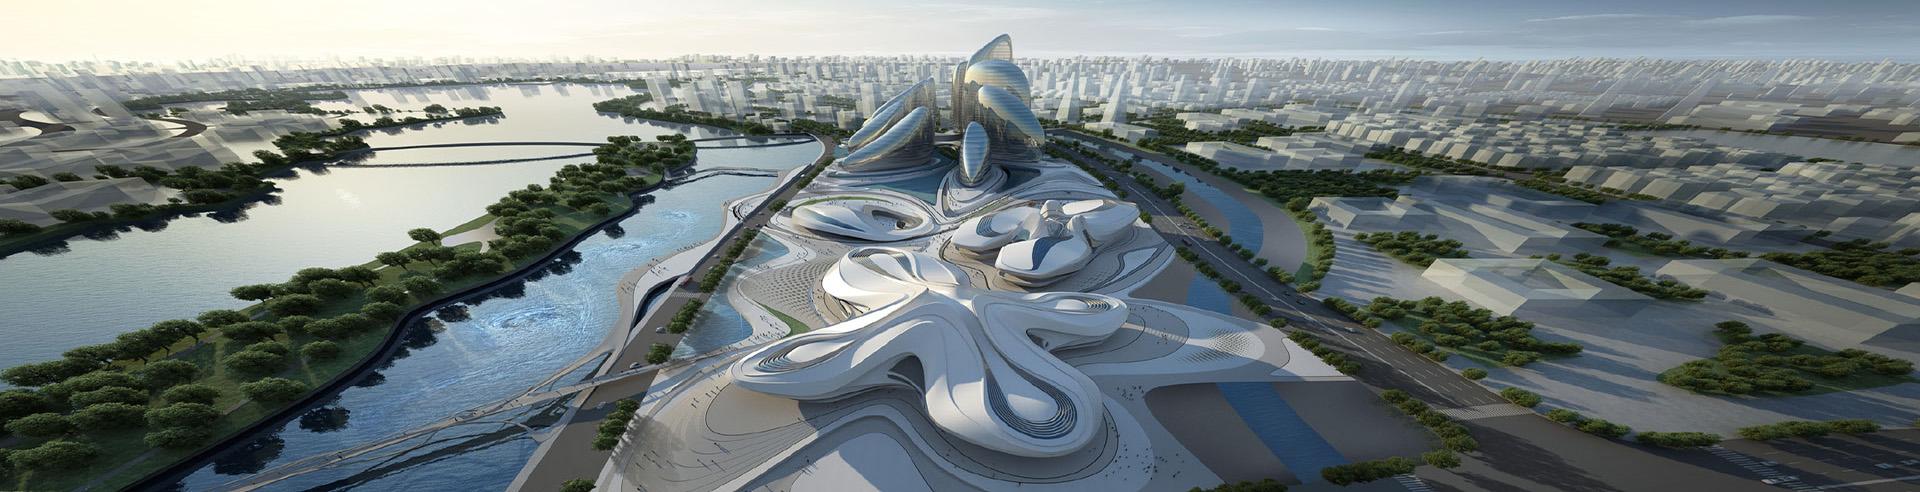 长沙梅溪湖国际艺术中心